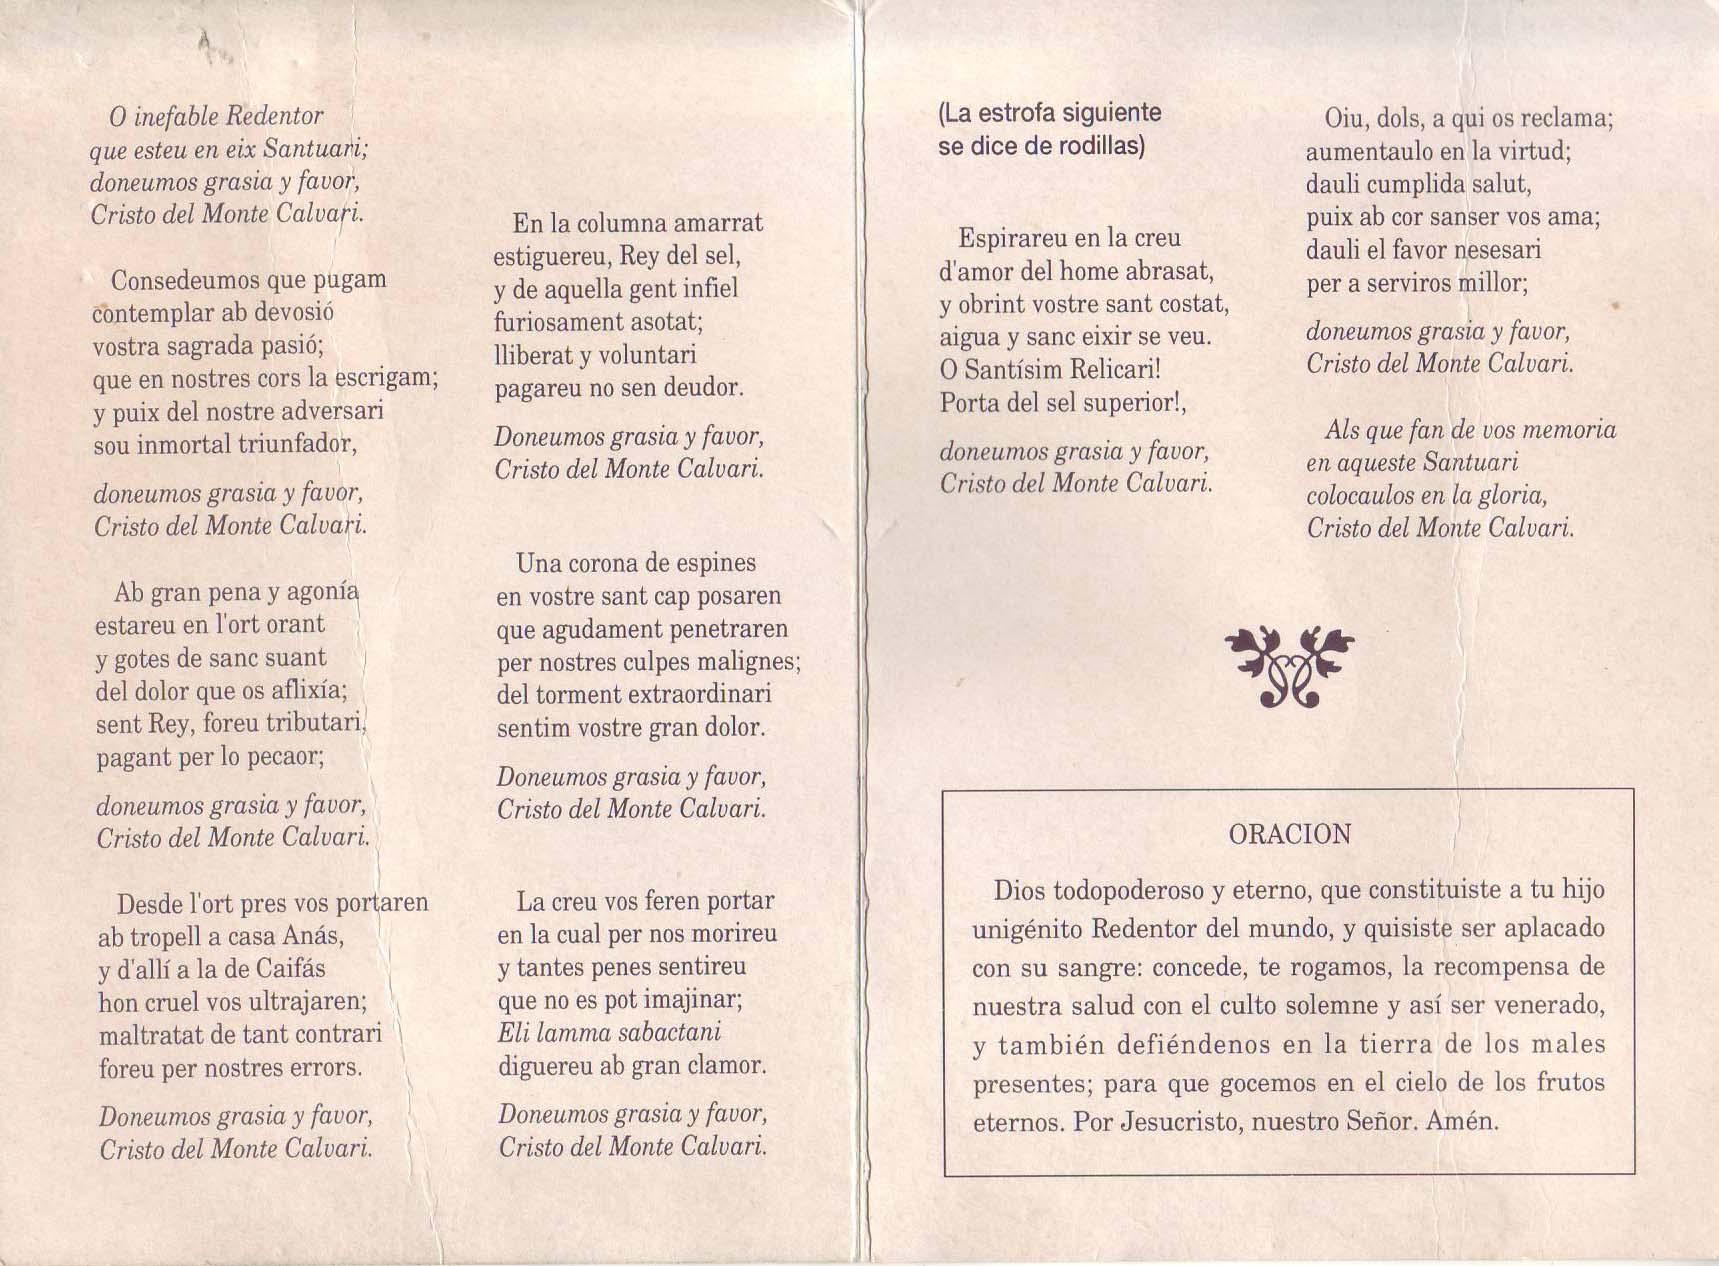 ElCristo - Gozos - Década años 80-90 díptico